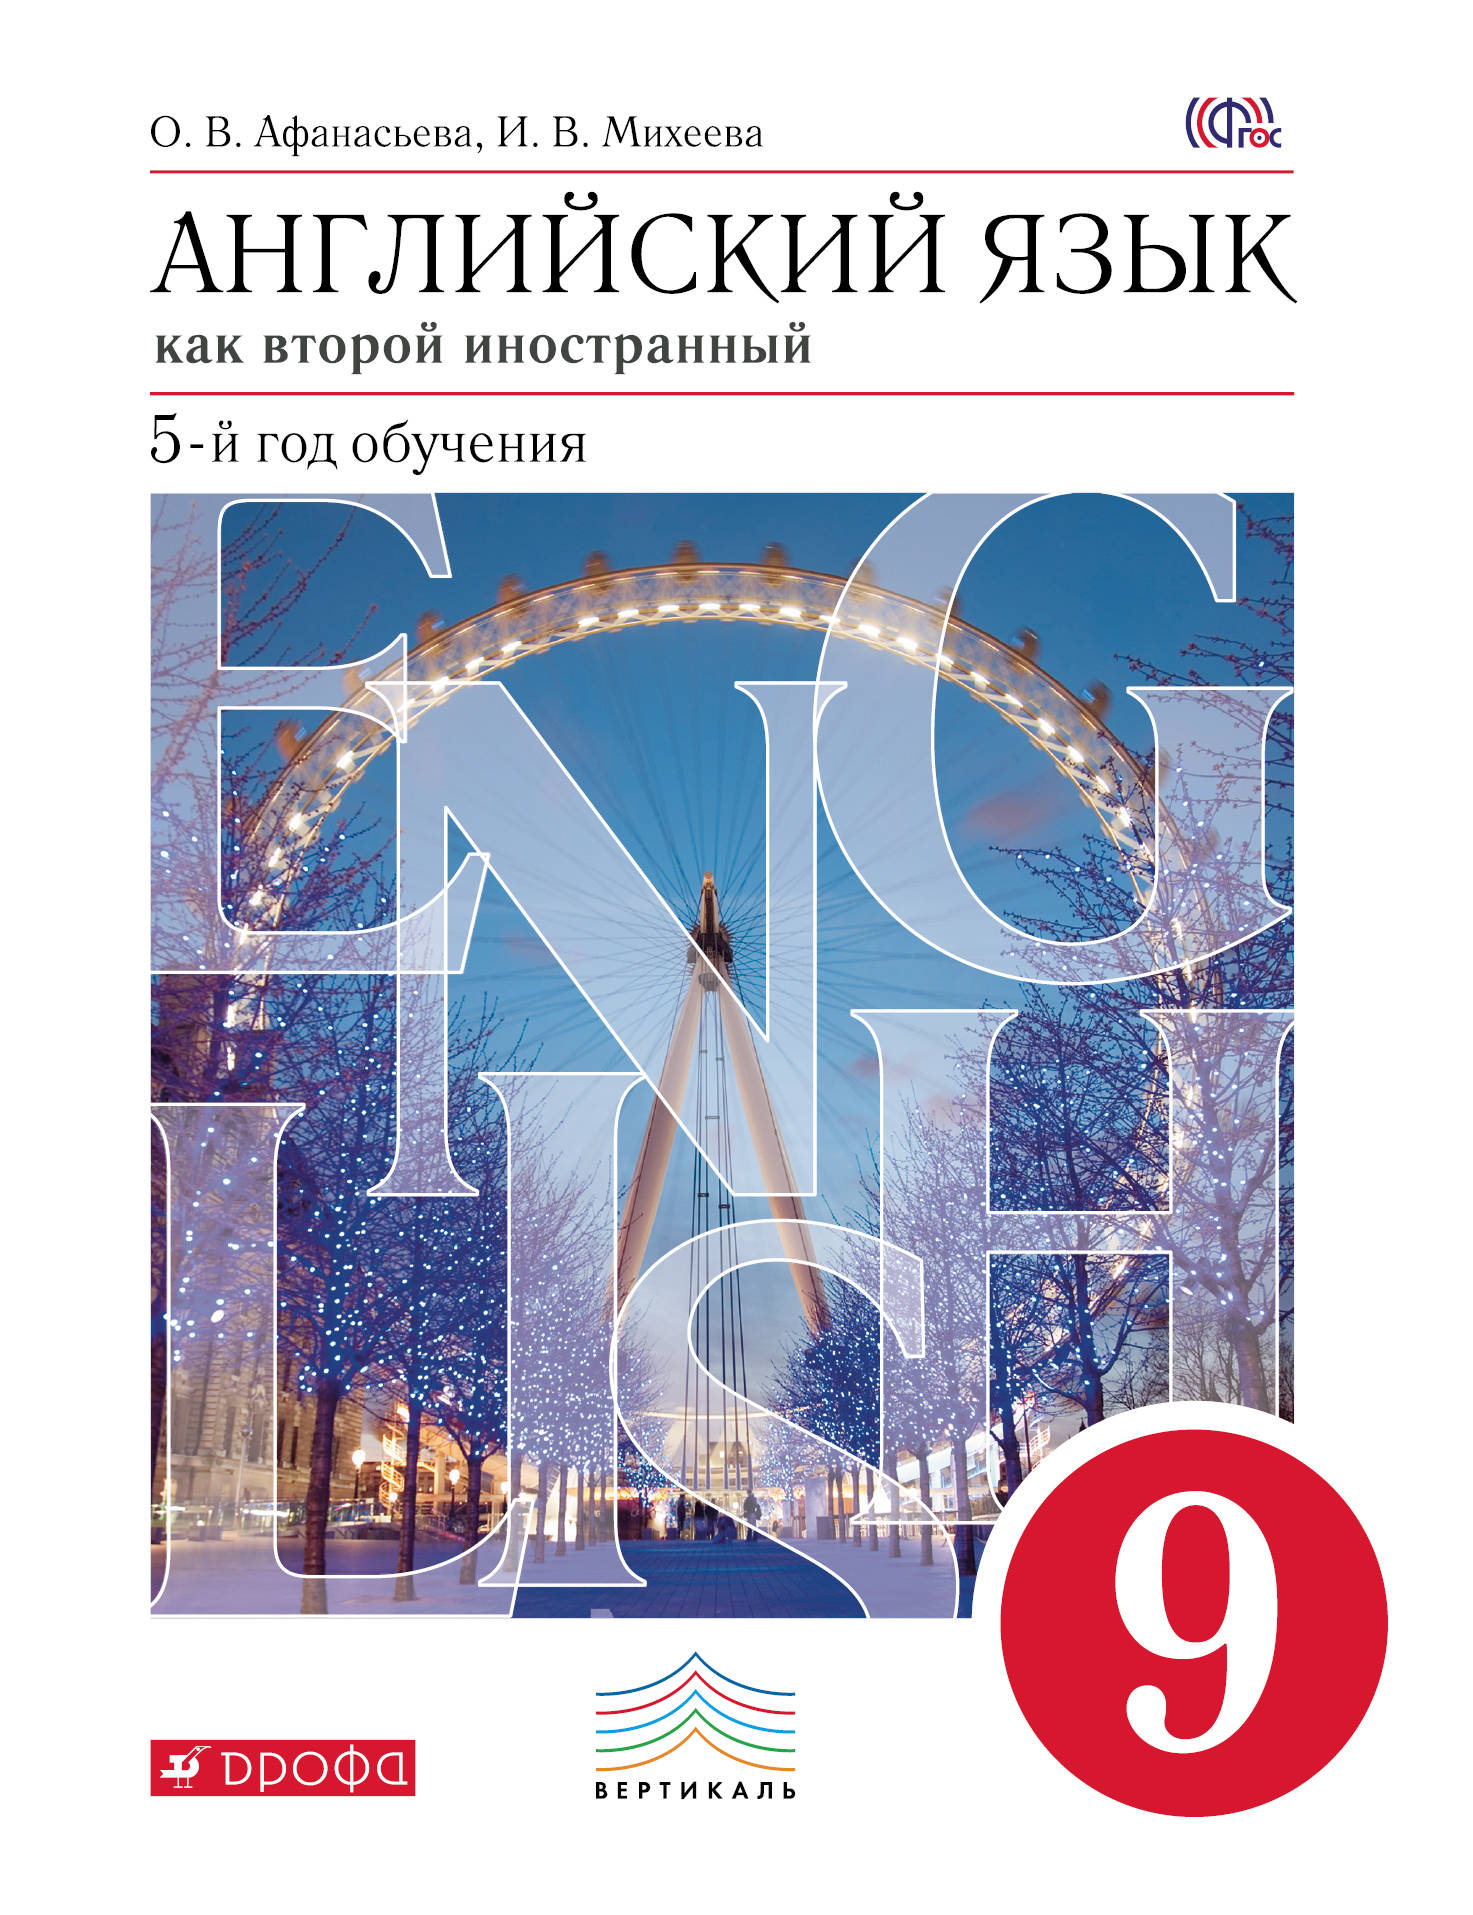 5 о в учебник решебник класс в и михеева афанасьева